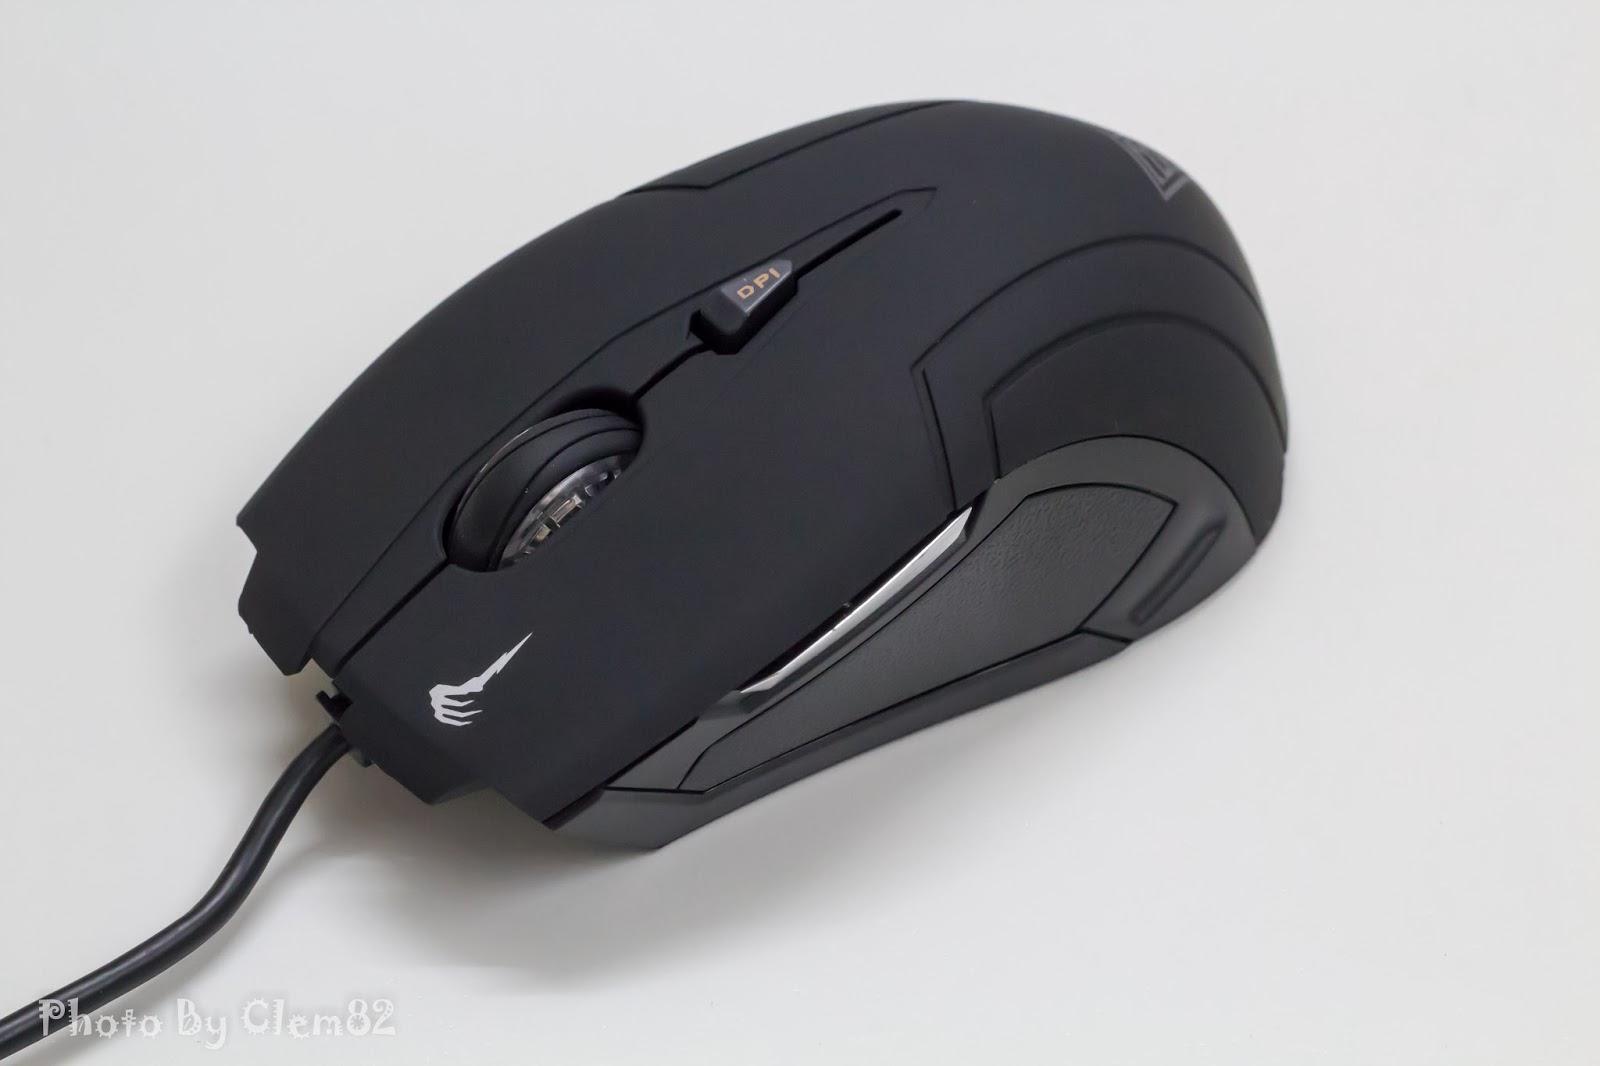 Gamdias Demeter Optical Gaming Mouse 4